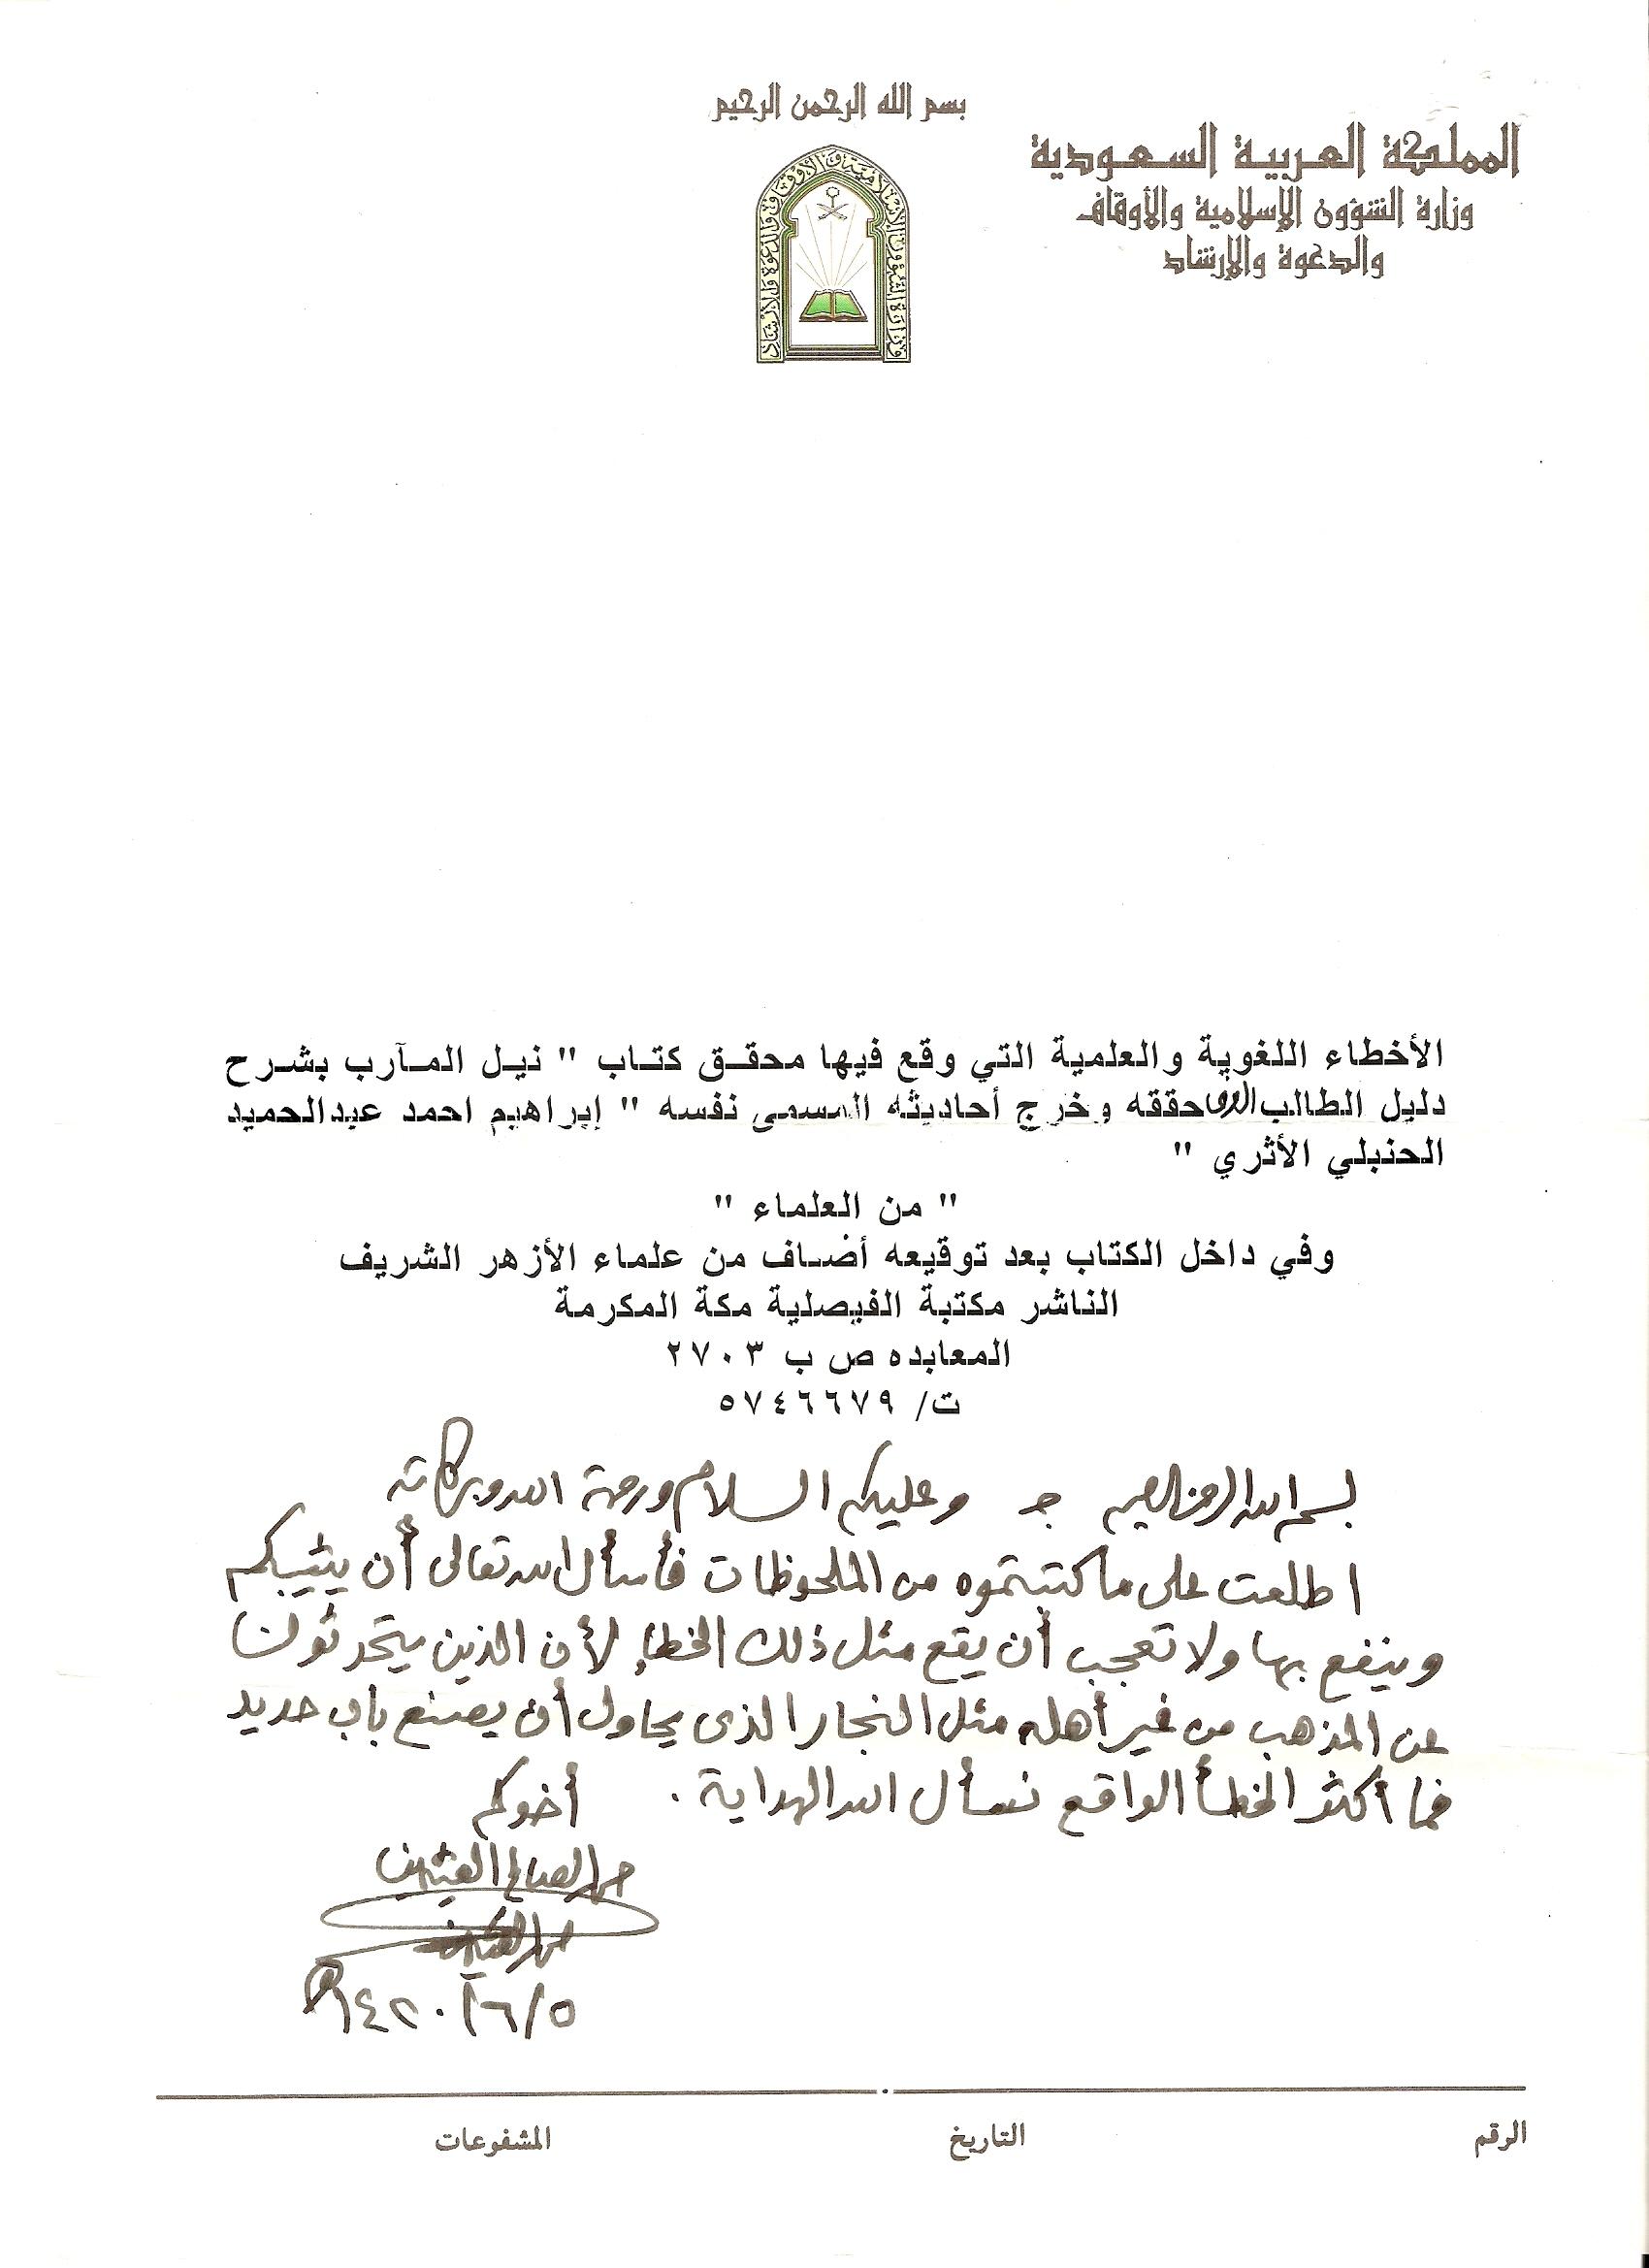 خطاب الشيخ محمد بن عثيمين رحمه الله